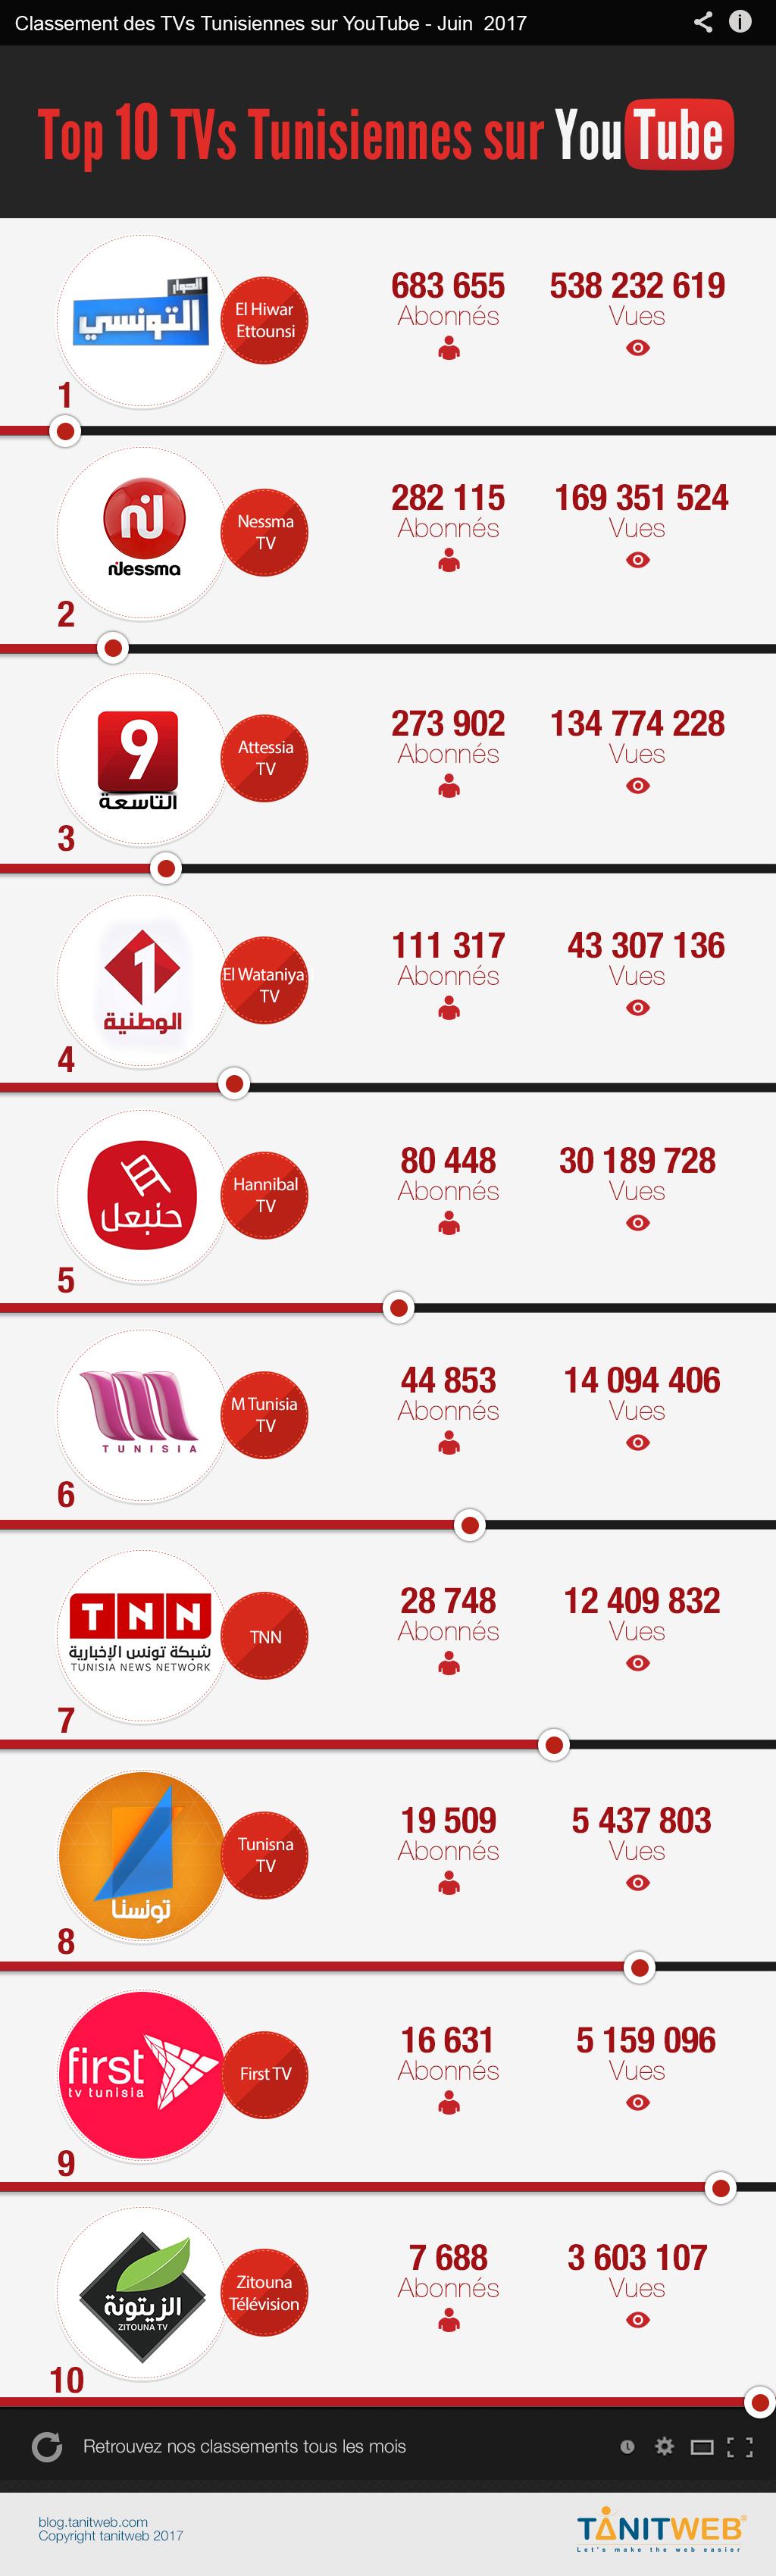 Classement des TVs Tunisiennes sur YouTube Juin 2017